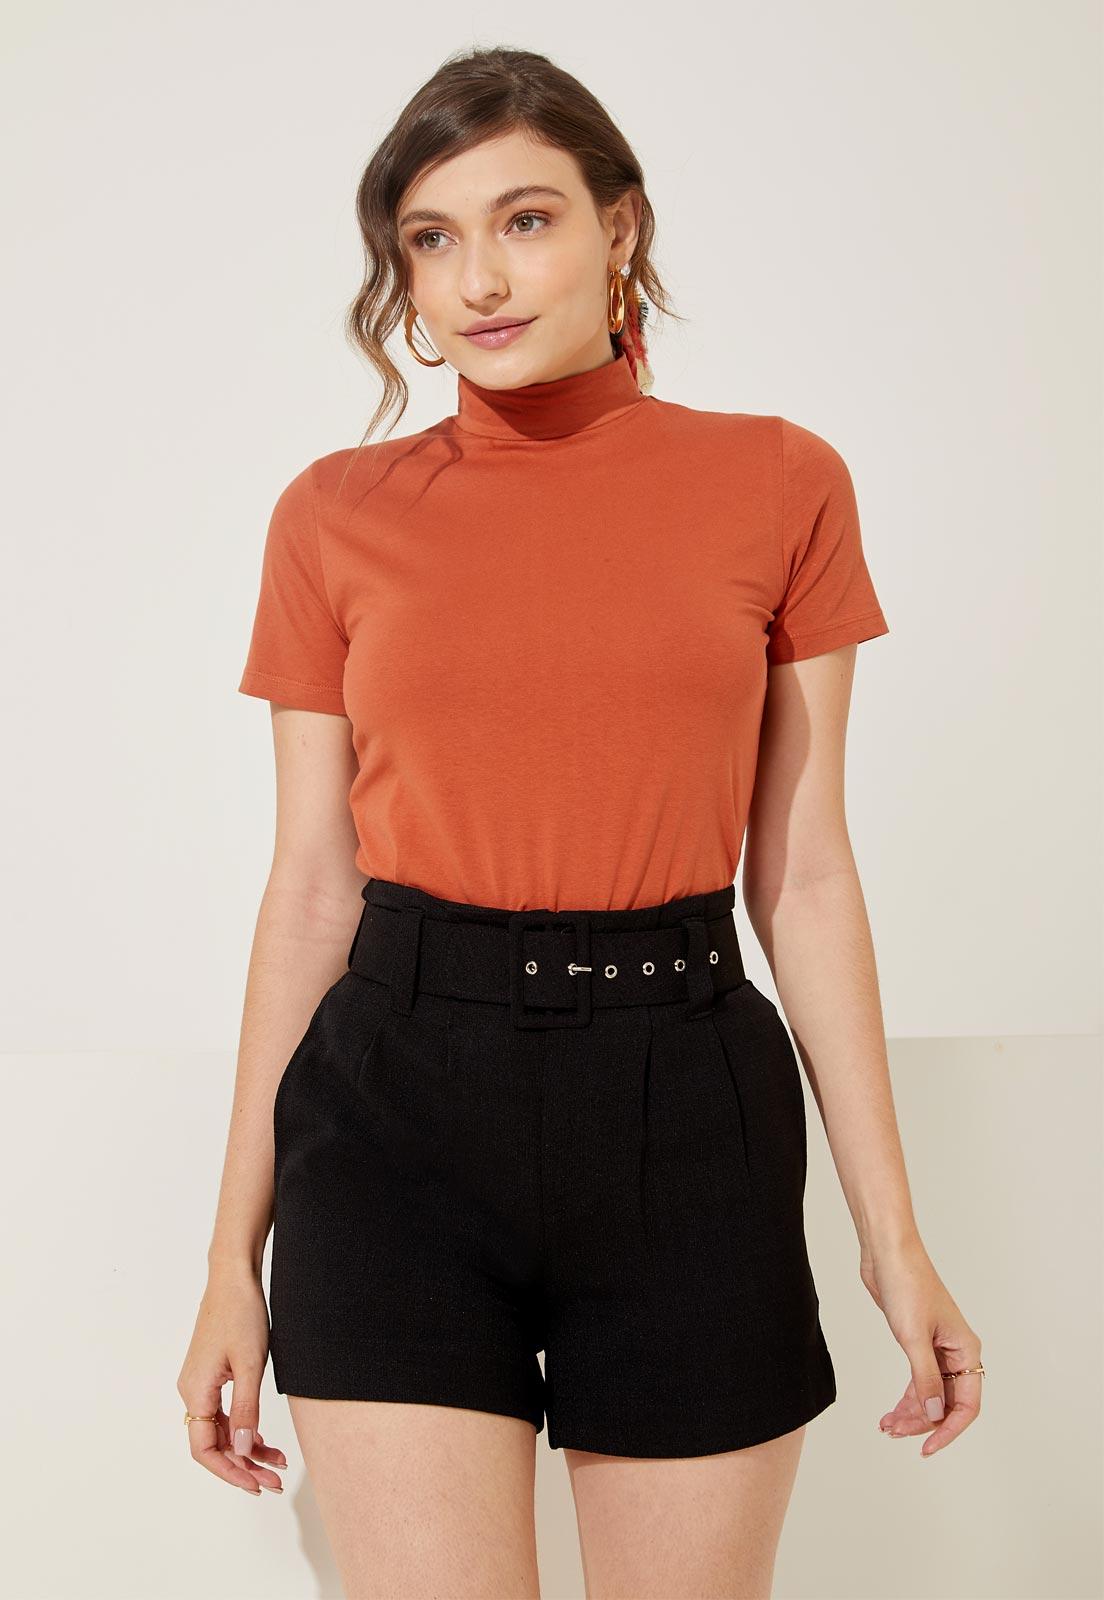 T-shirt Ana Rust